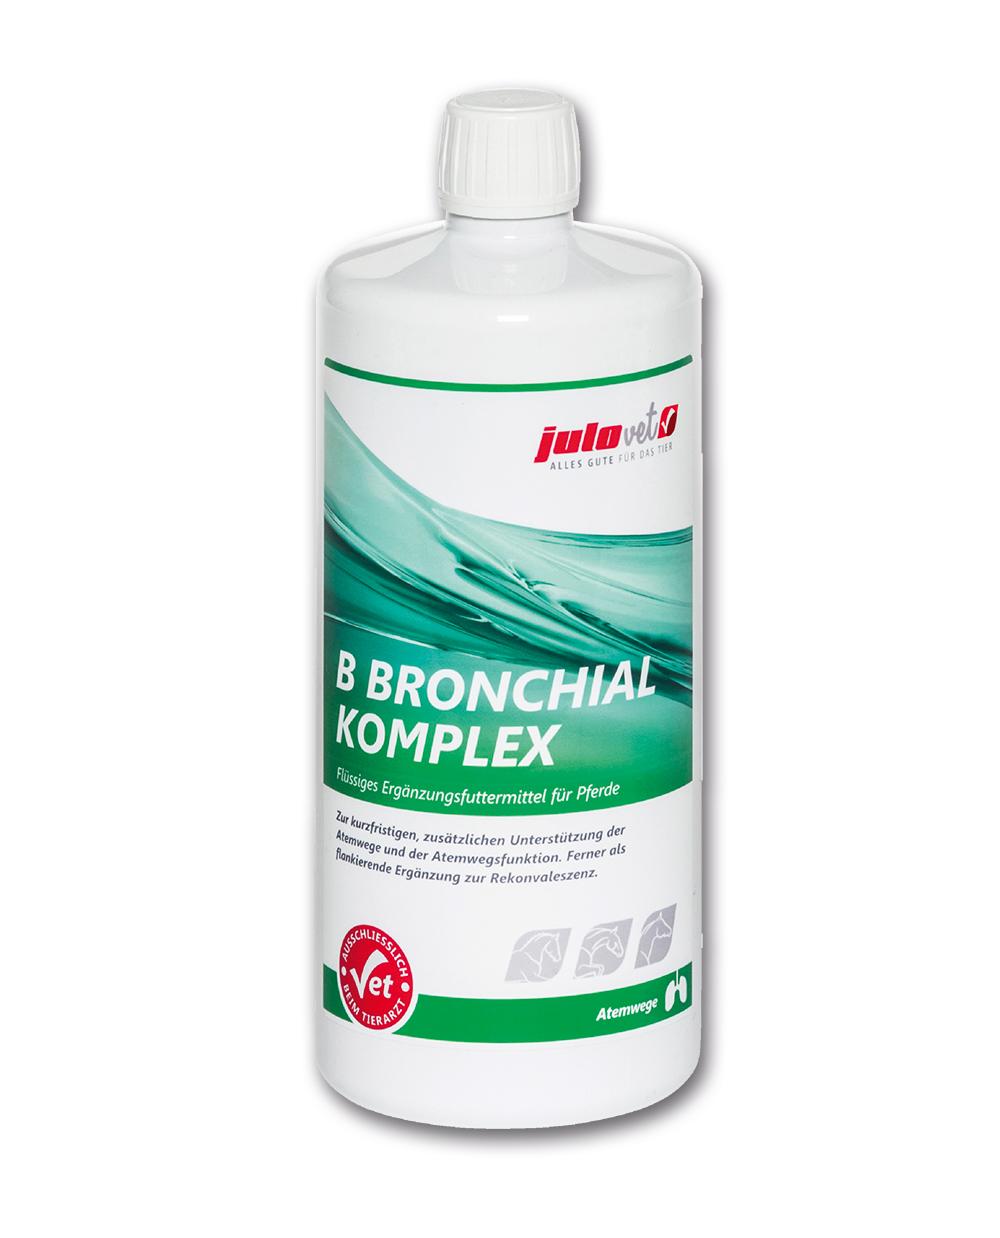 B Bronchial Komplex